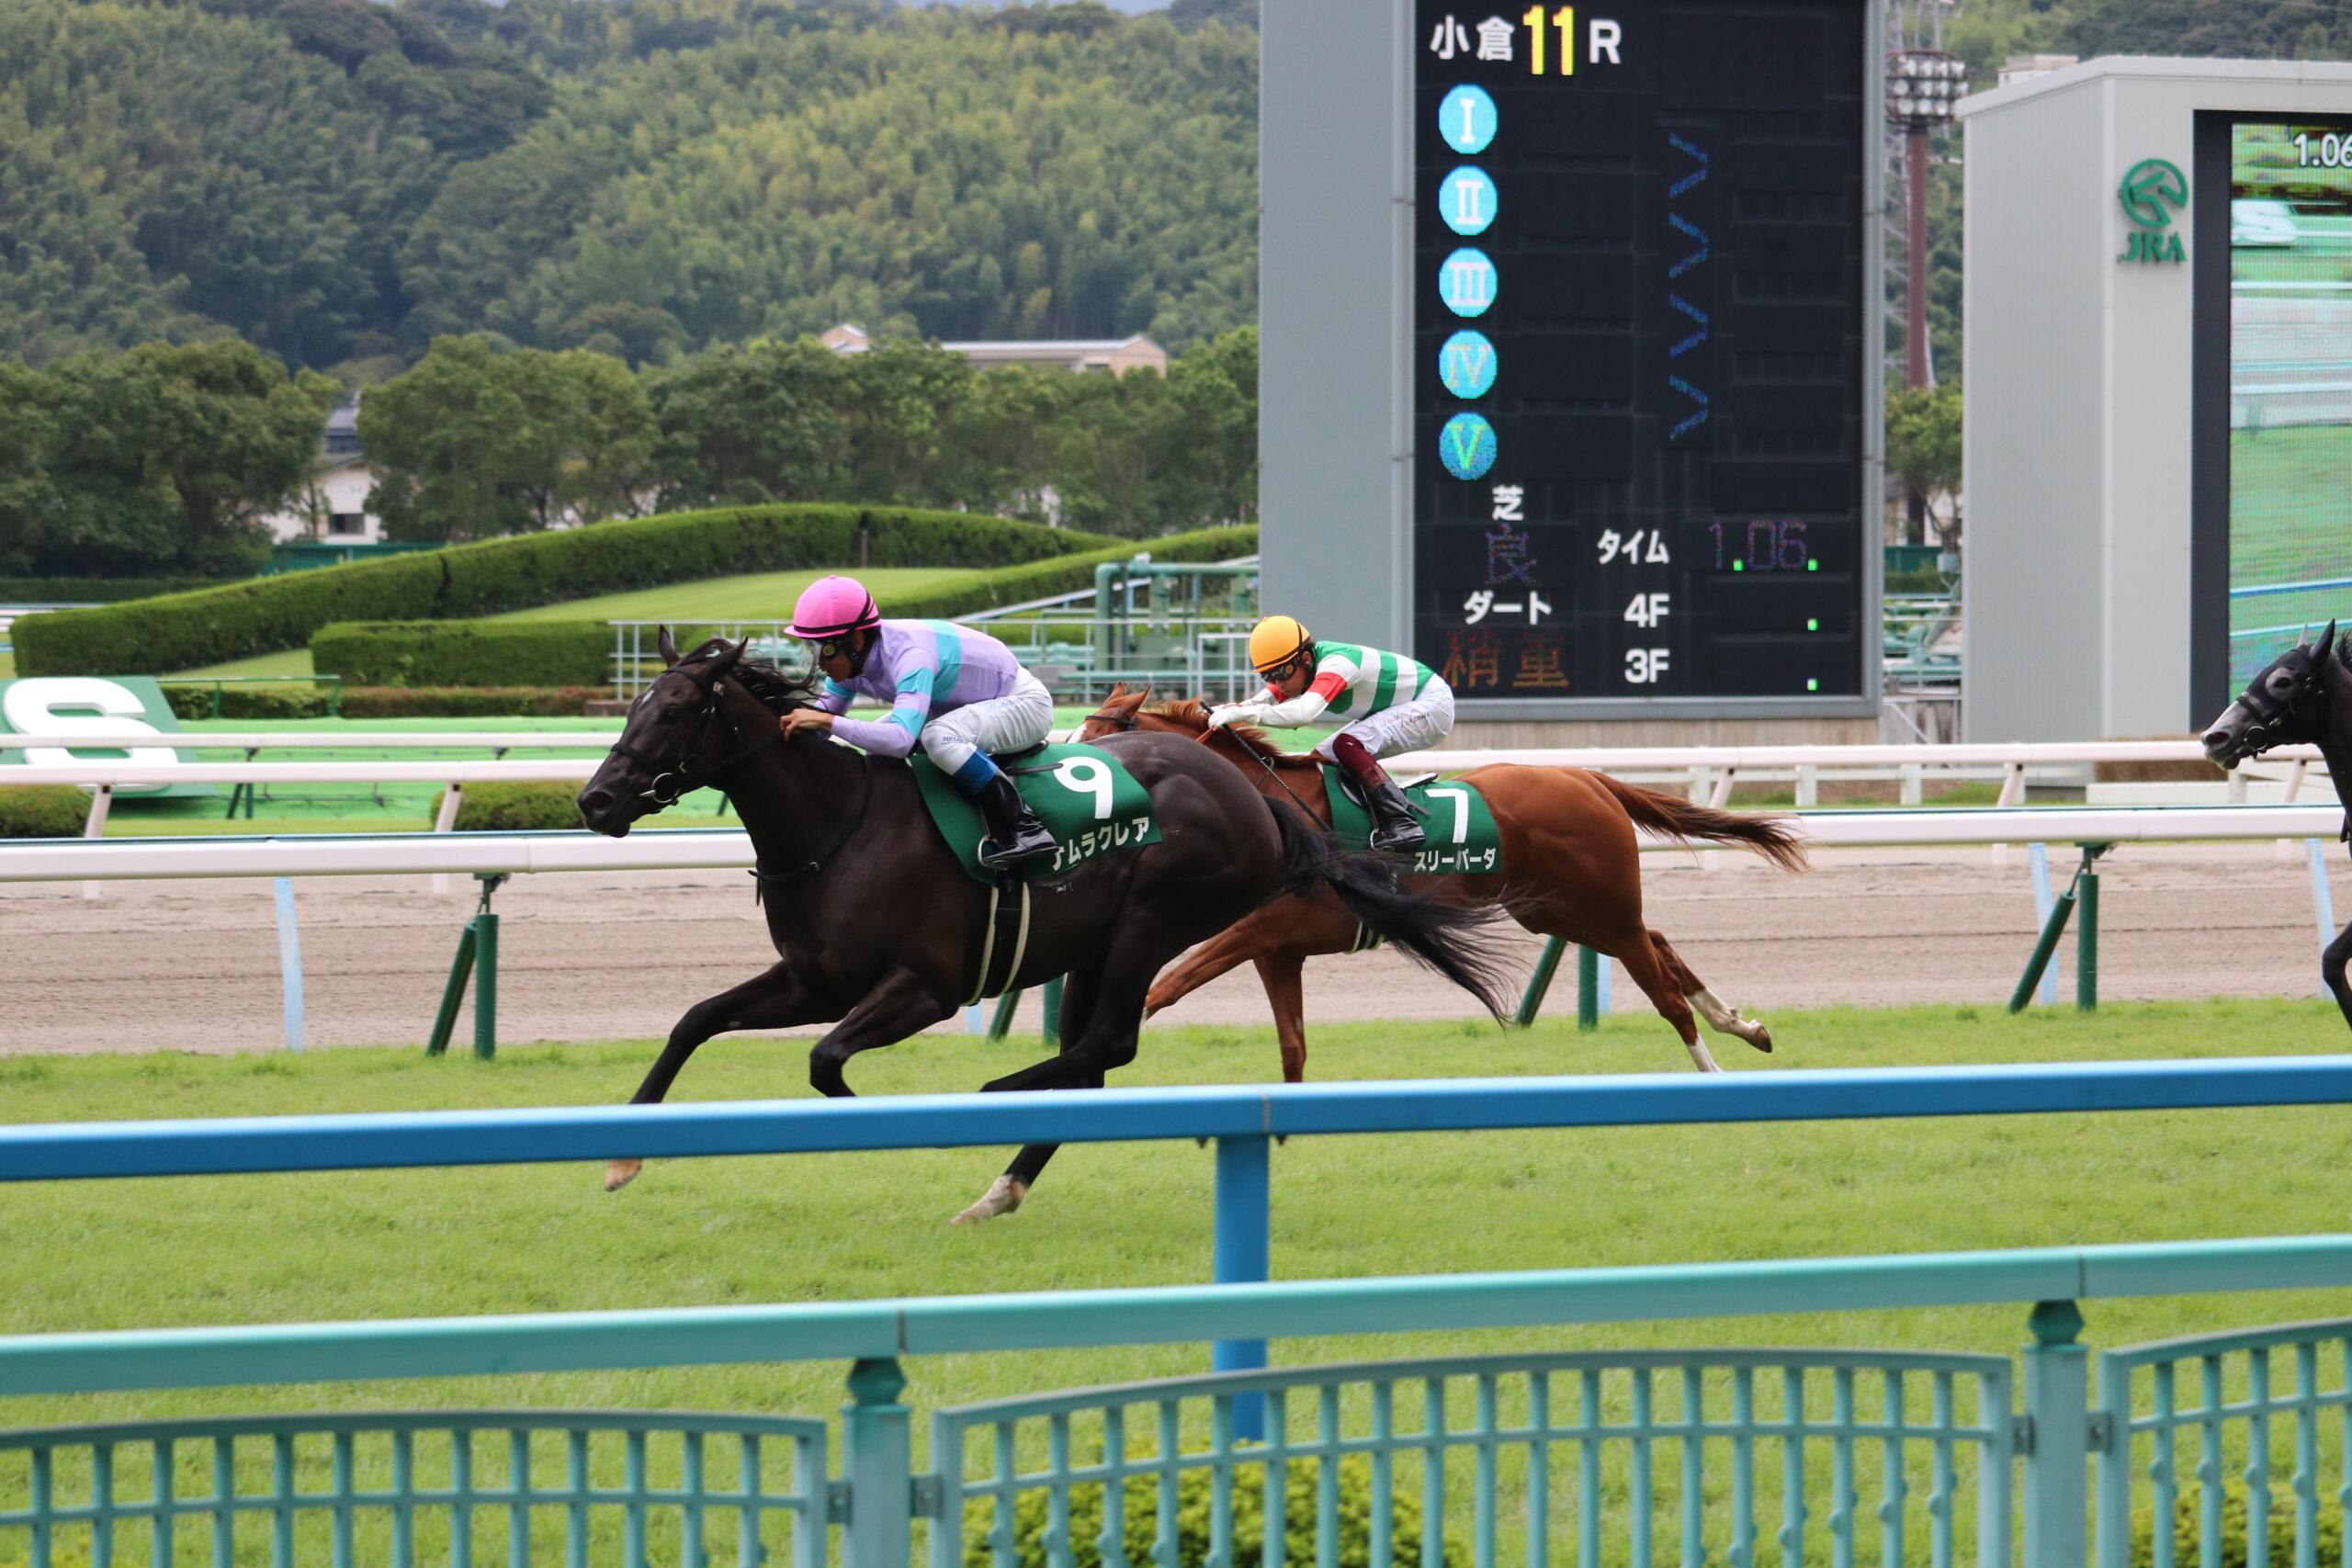 [重賞回顧]7頭横一線のゴール前を制したのは、名門が大切にする名牝系の出身馬~2021年・小倉2歳ステークス~